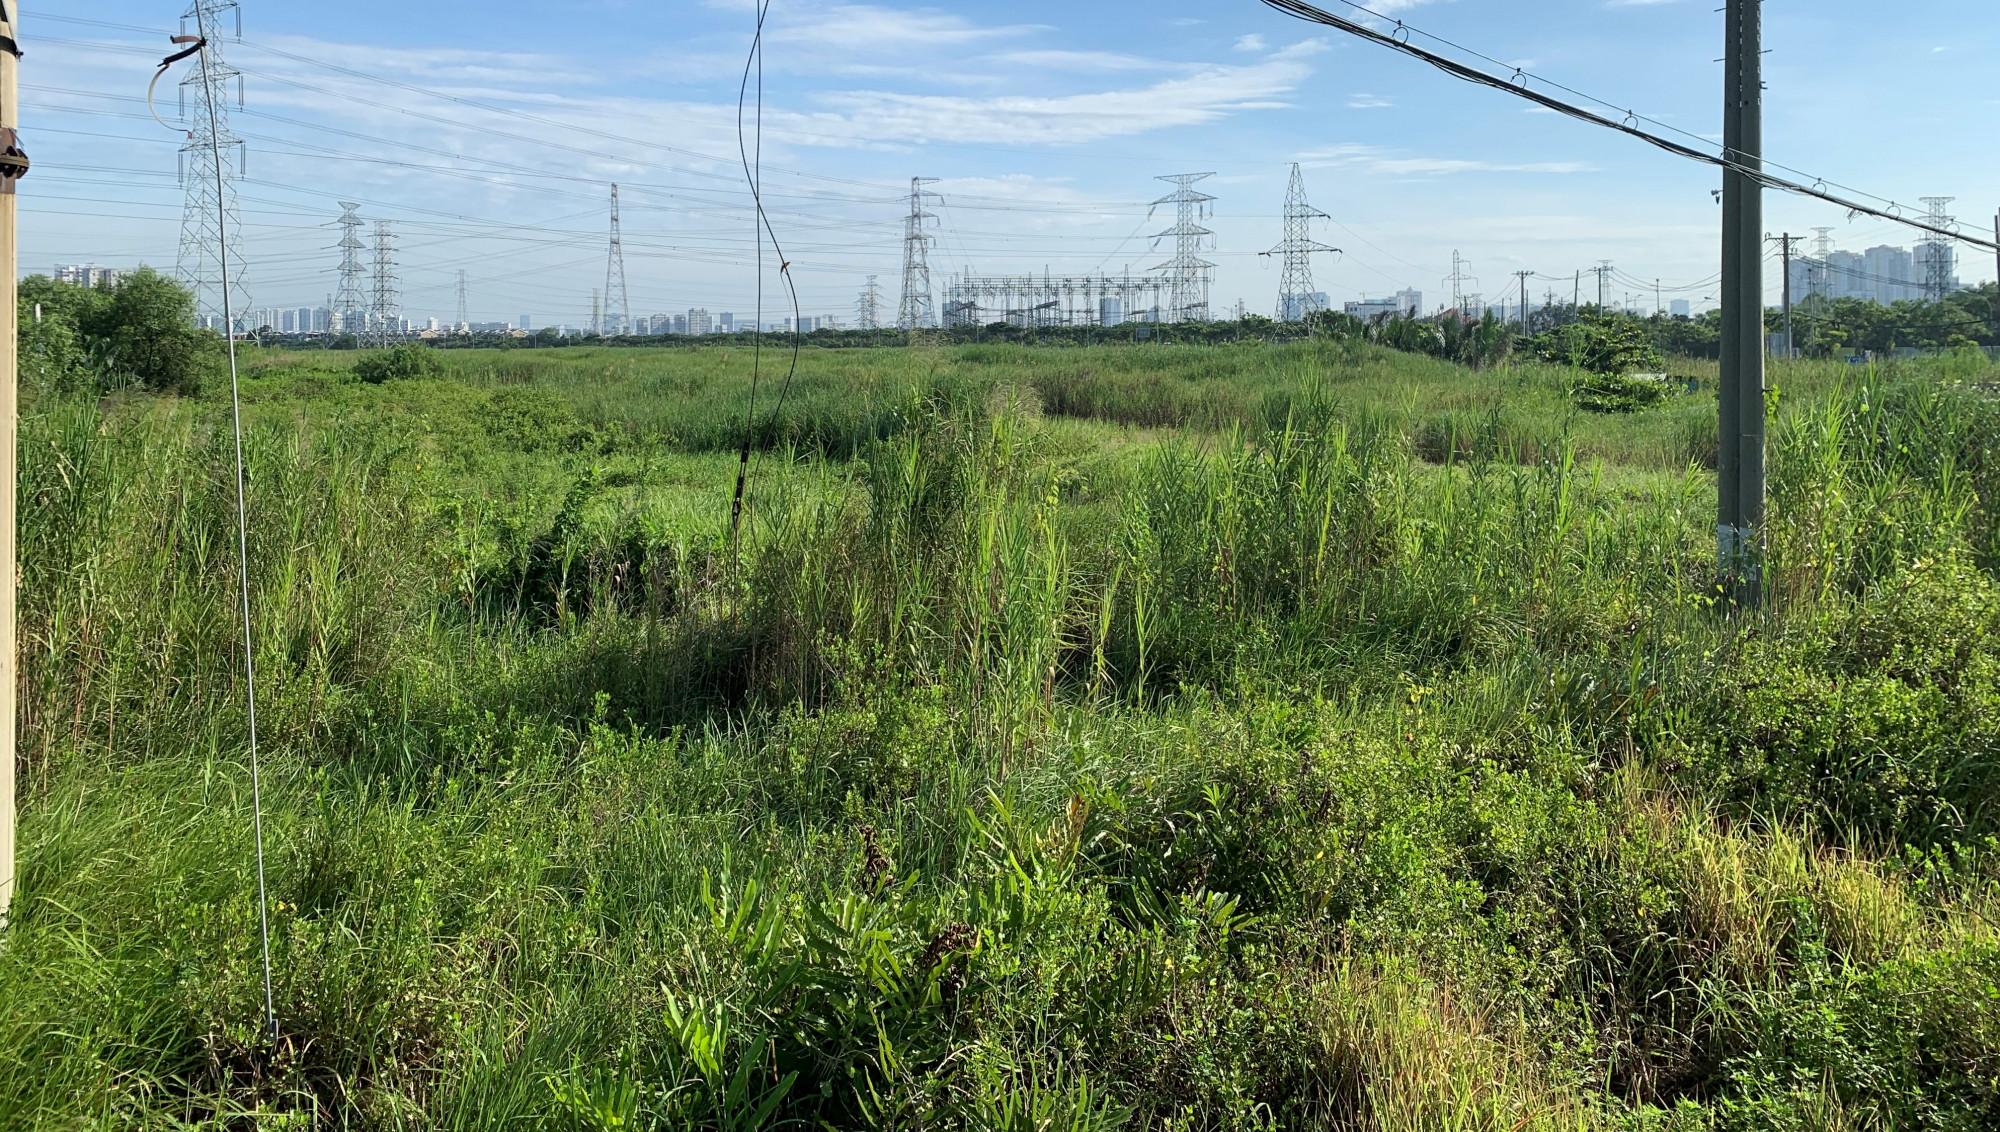 Khu đất trống gần 350 ha vẫn chưa có gì đã phân lô rao bán ầm ầm trên mạng